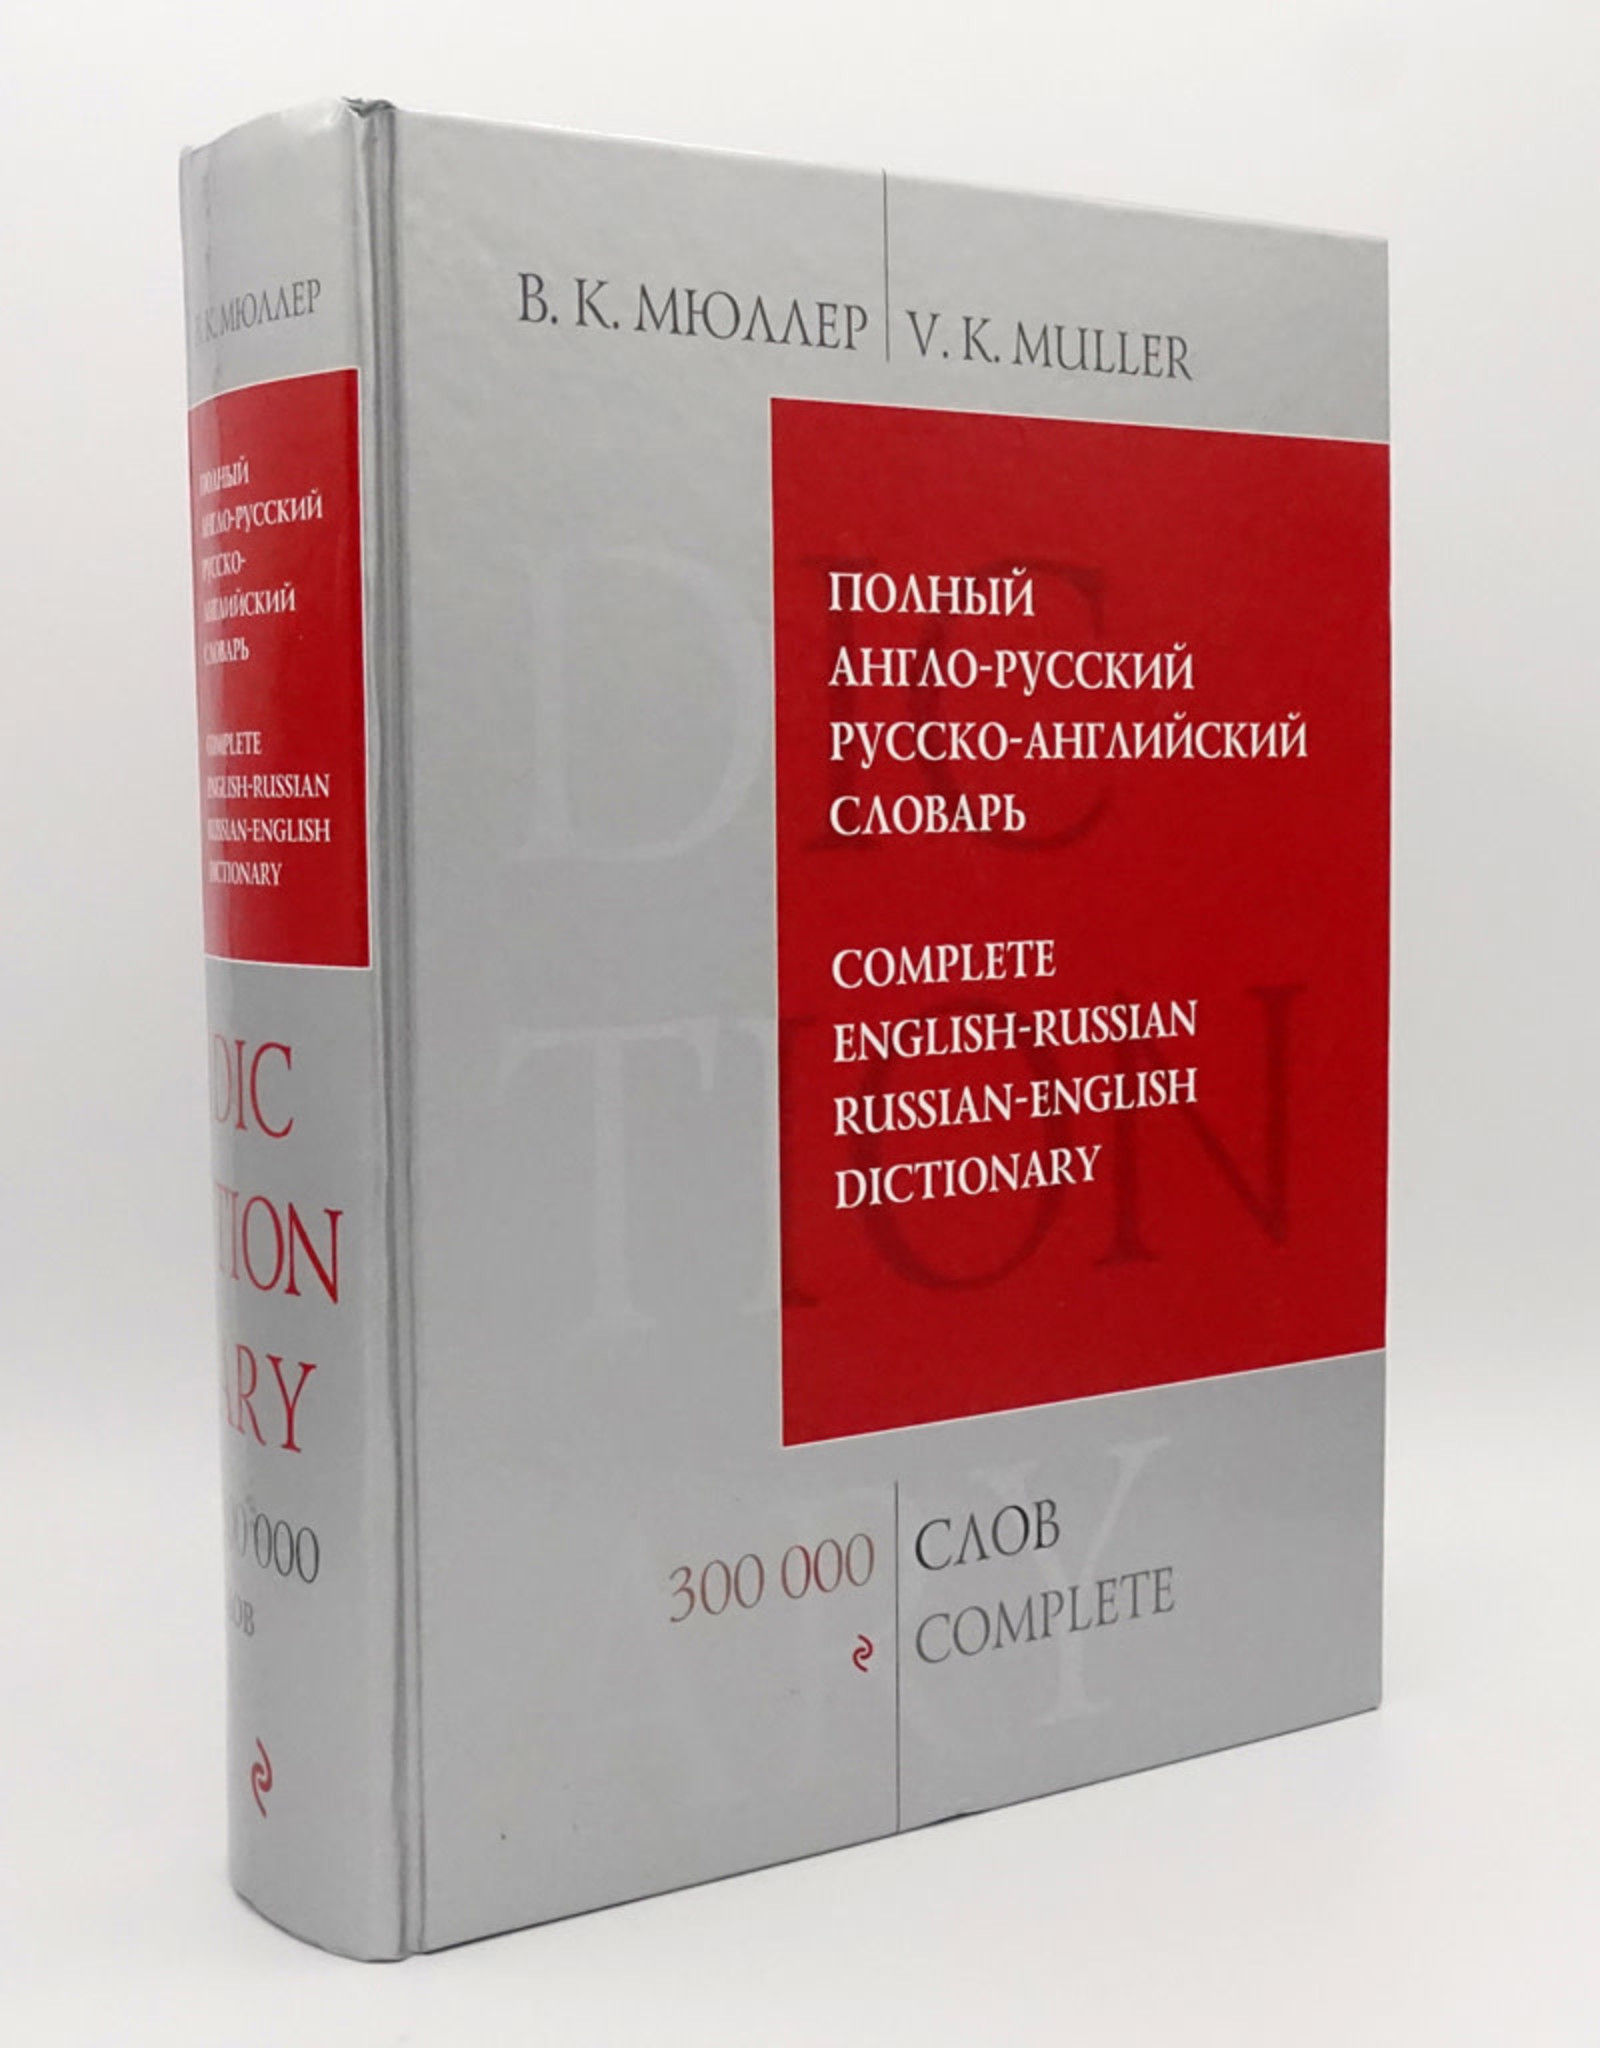 Полный Англо-Русский, Русский-Английский Словарь 300,000 слов